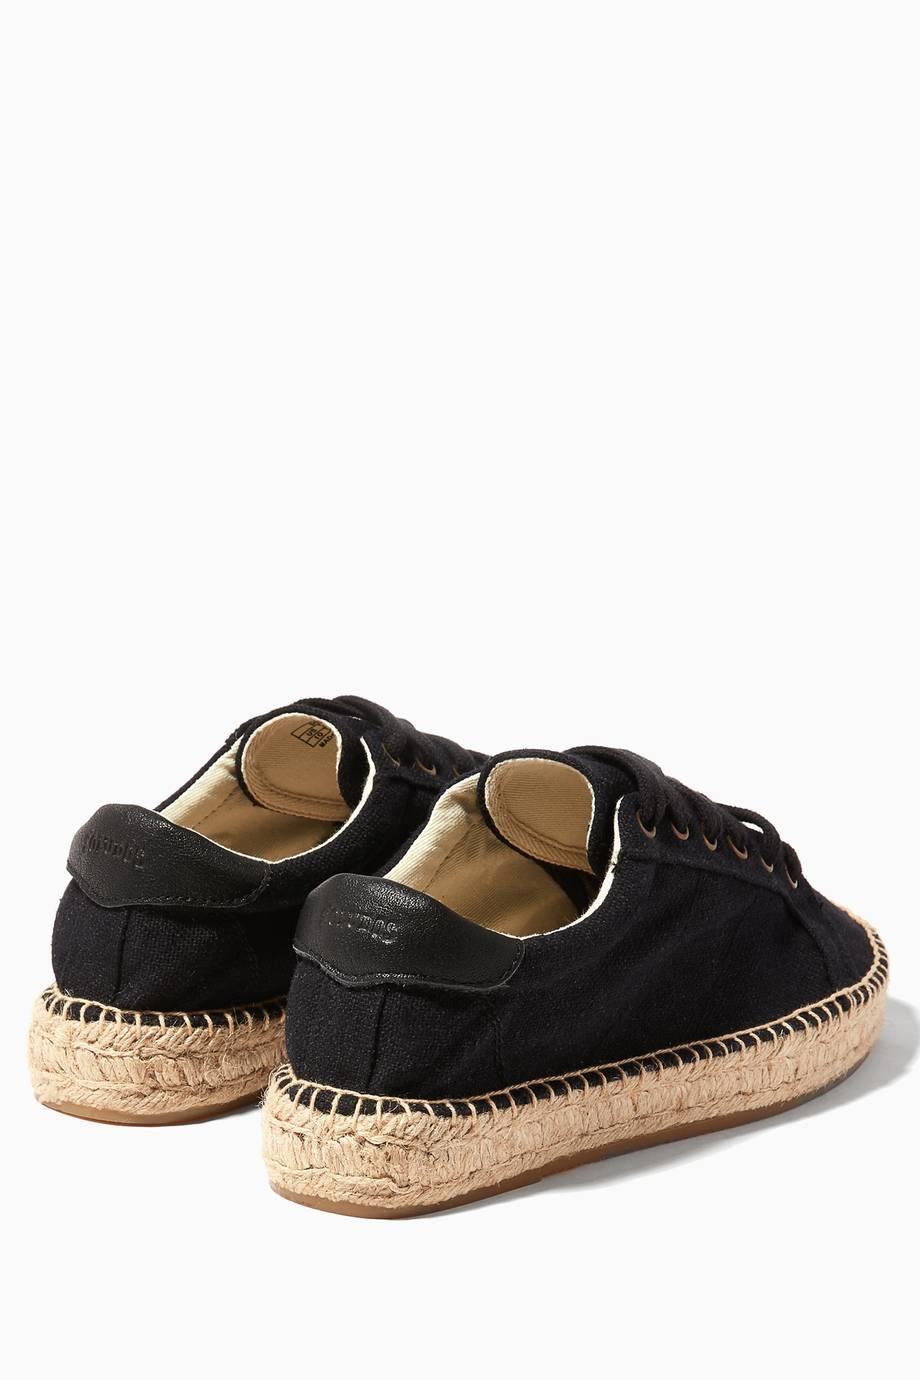 shop luxury soludos black canvas platform tennis sneakers